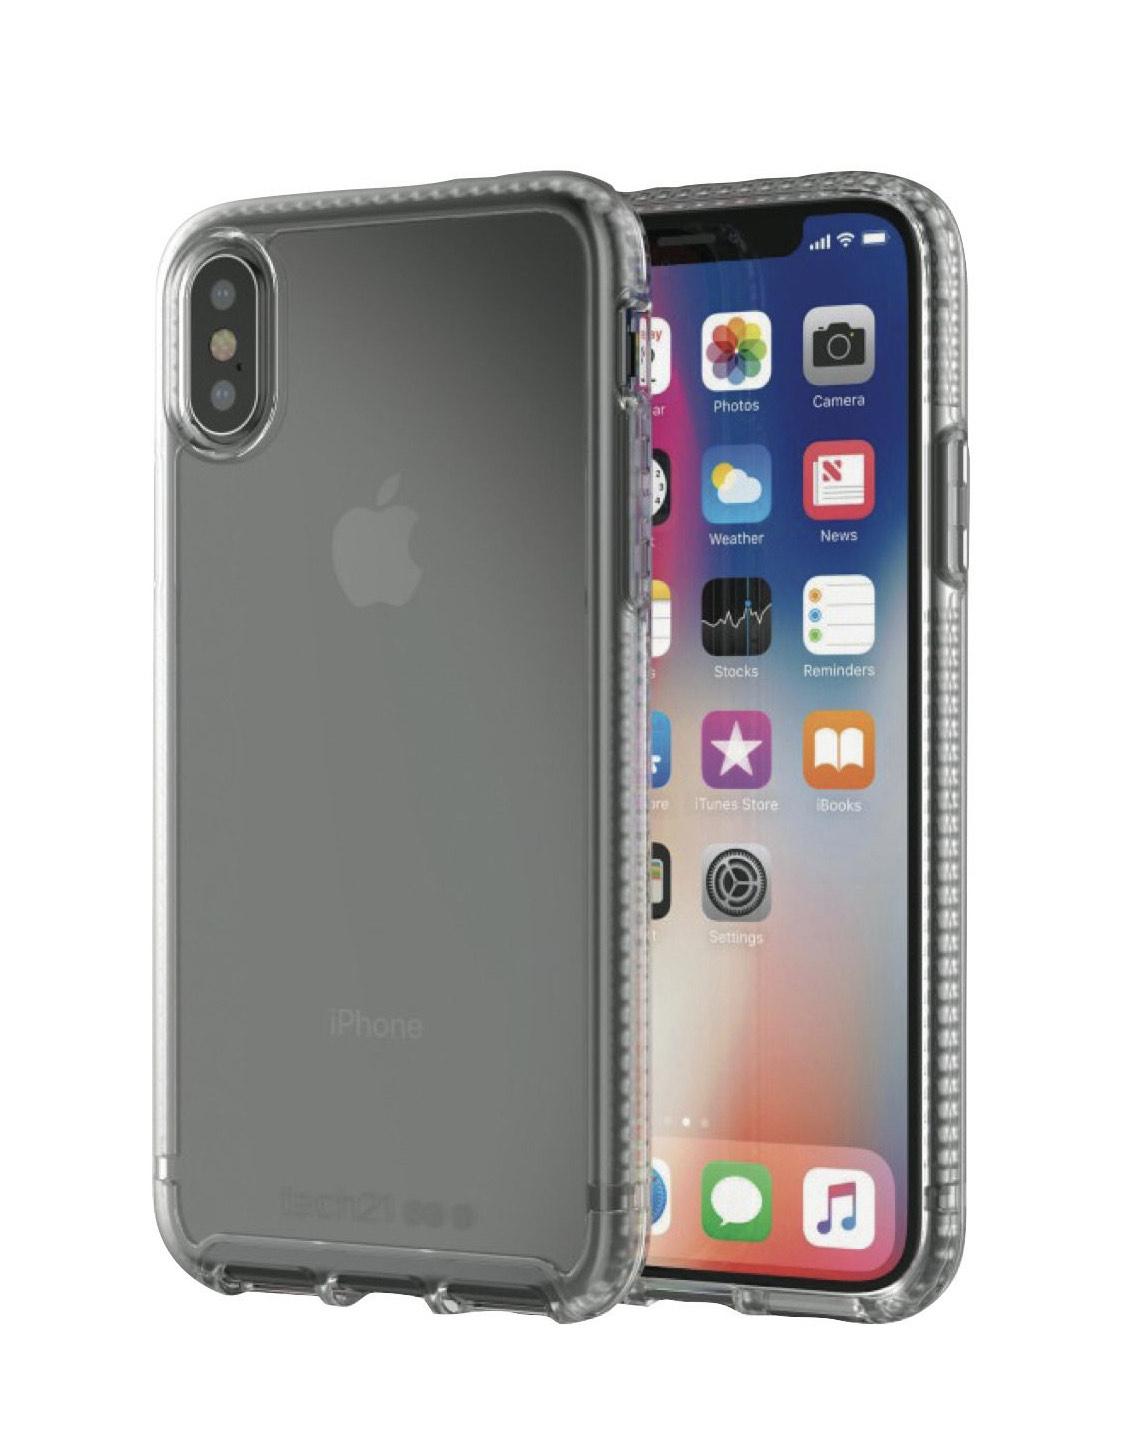 Coque de protection pour smartphone Apple iPhone X/XS Tech 21 Evo Tactical - noir